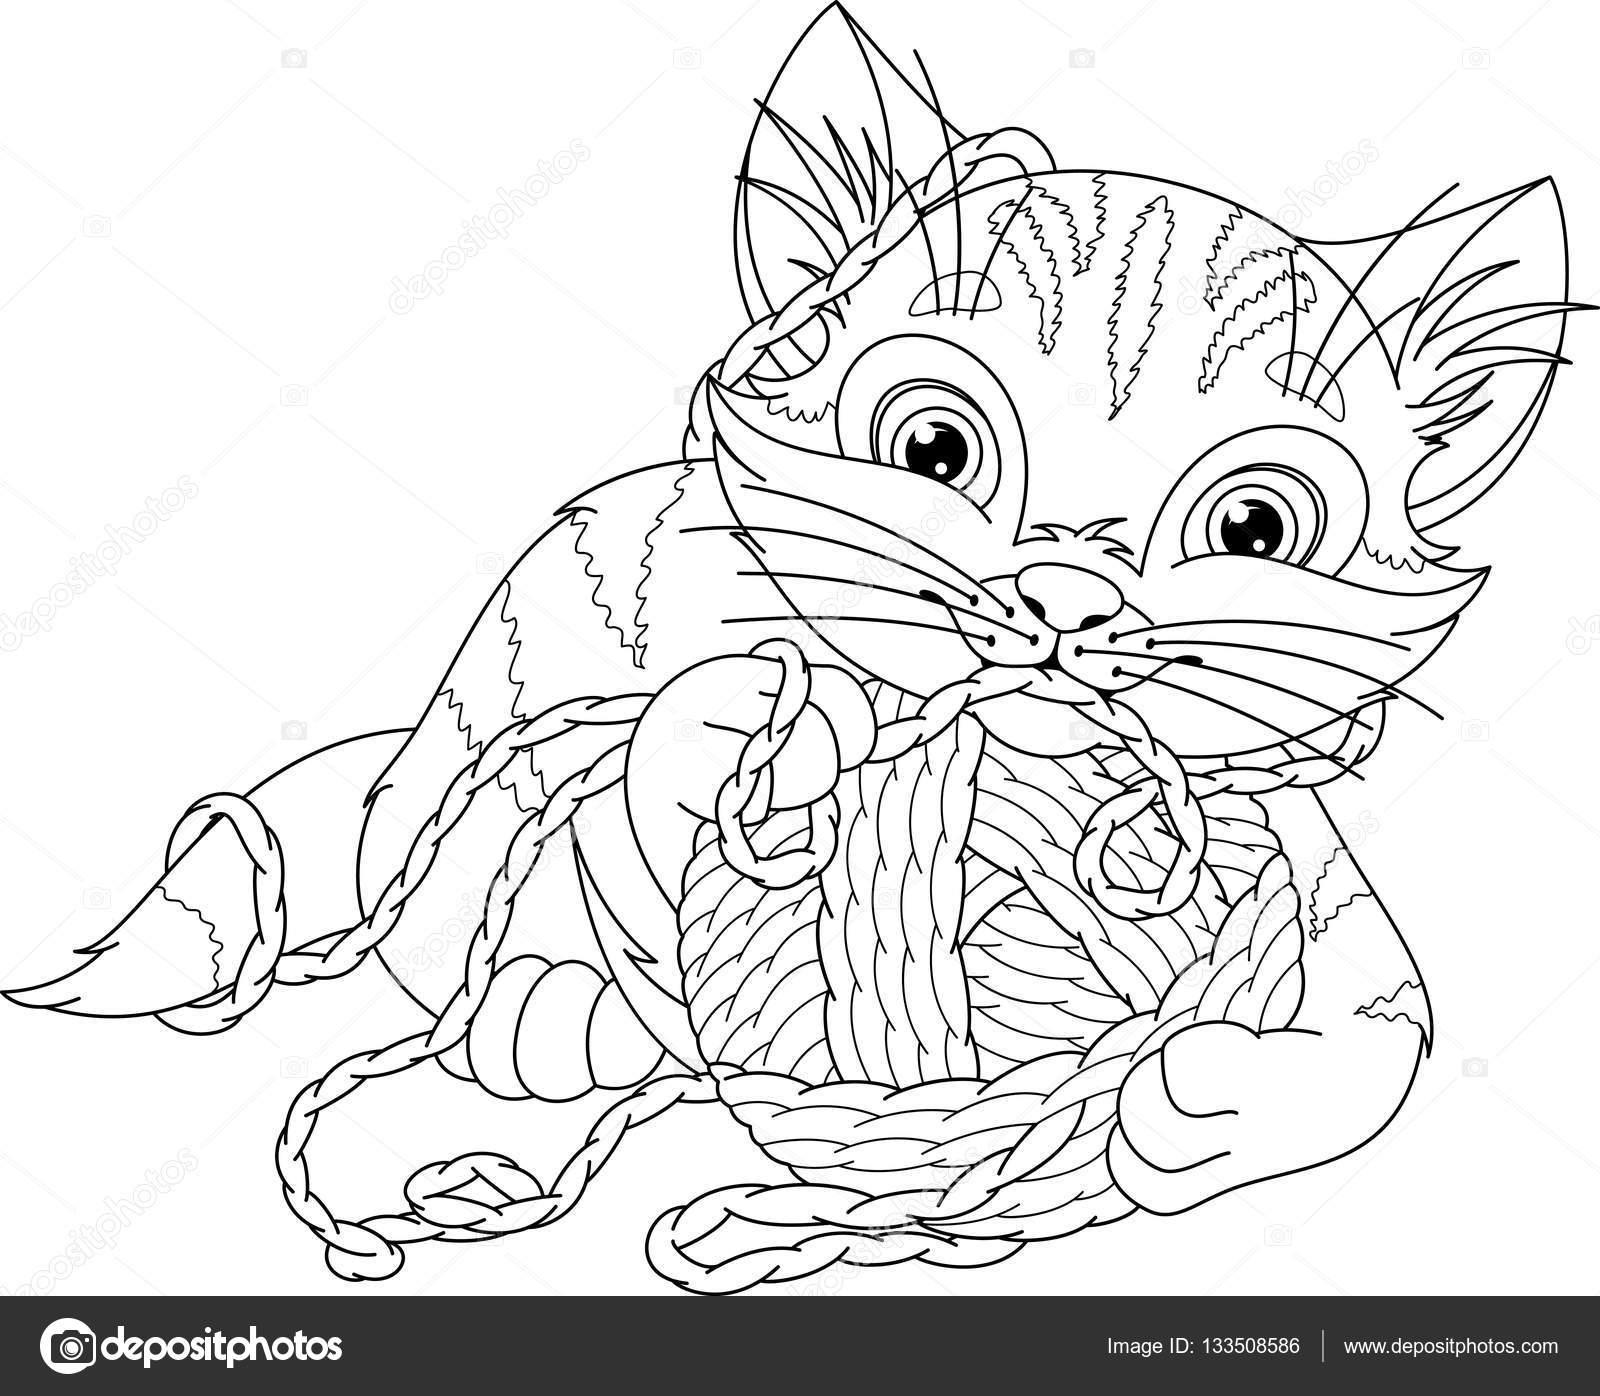 kitten kleurplaat stockvector 169 malyaka 133508586